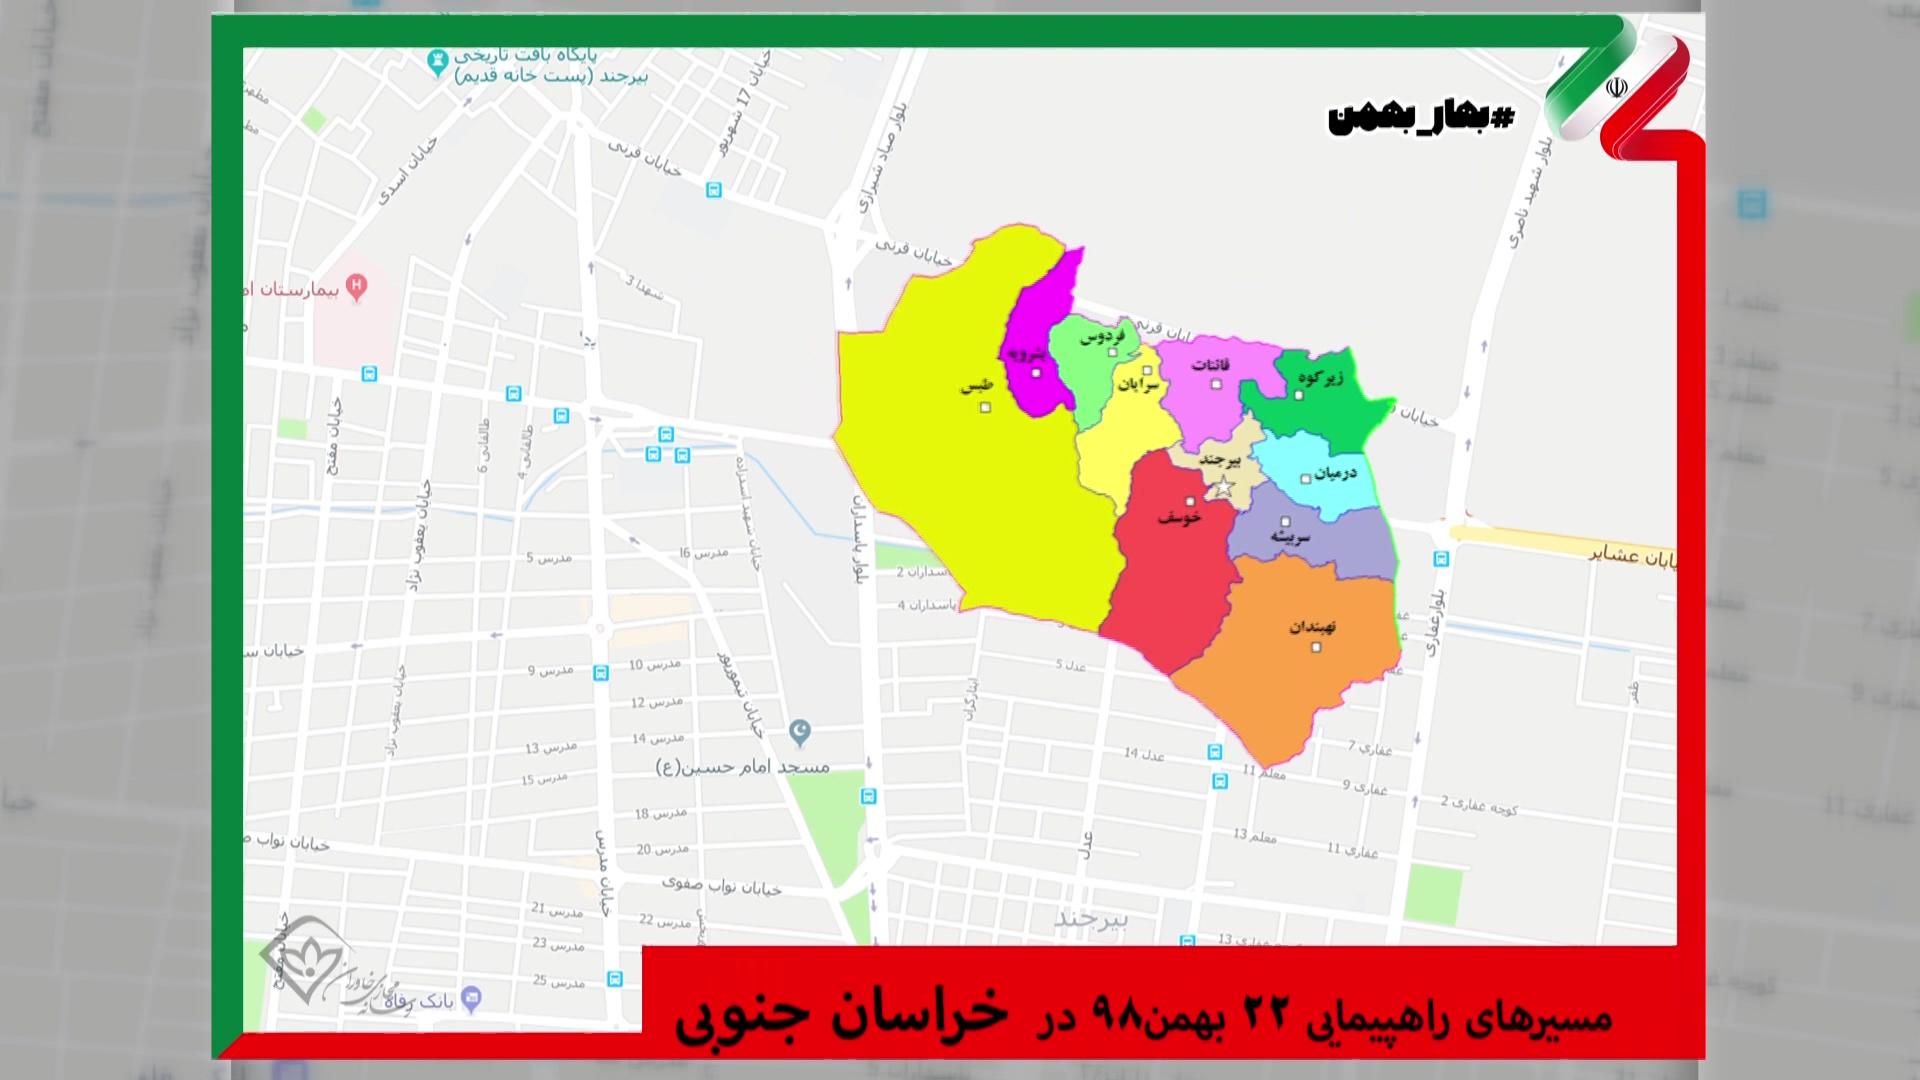 اعلام مسیرهای راهپیمایی ۲۲ بهمن در خراسان جنوبی